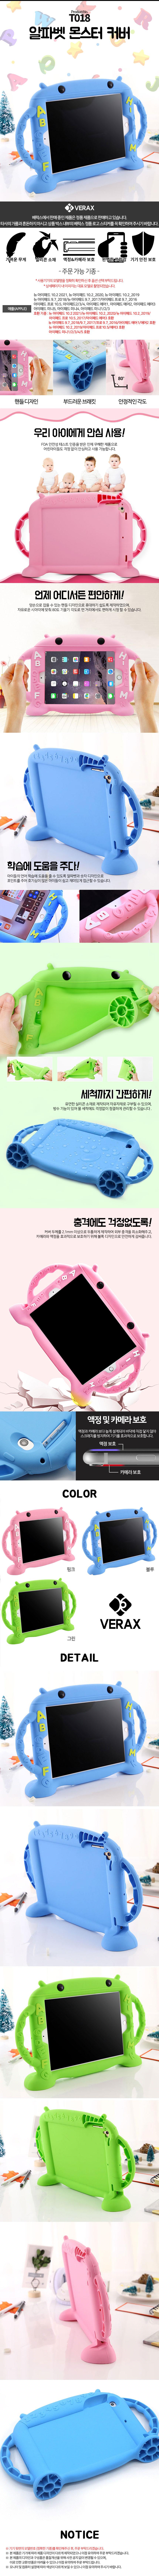 T018 아이패드 에어1 유아용 실리콘 정품 핸들 커버 - 베락스, 21,000원, 케이스, 기타 스마트폰